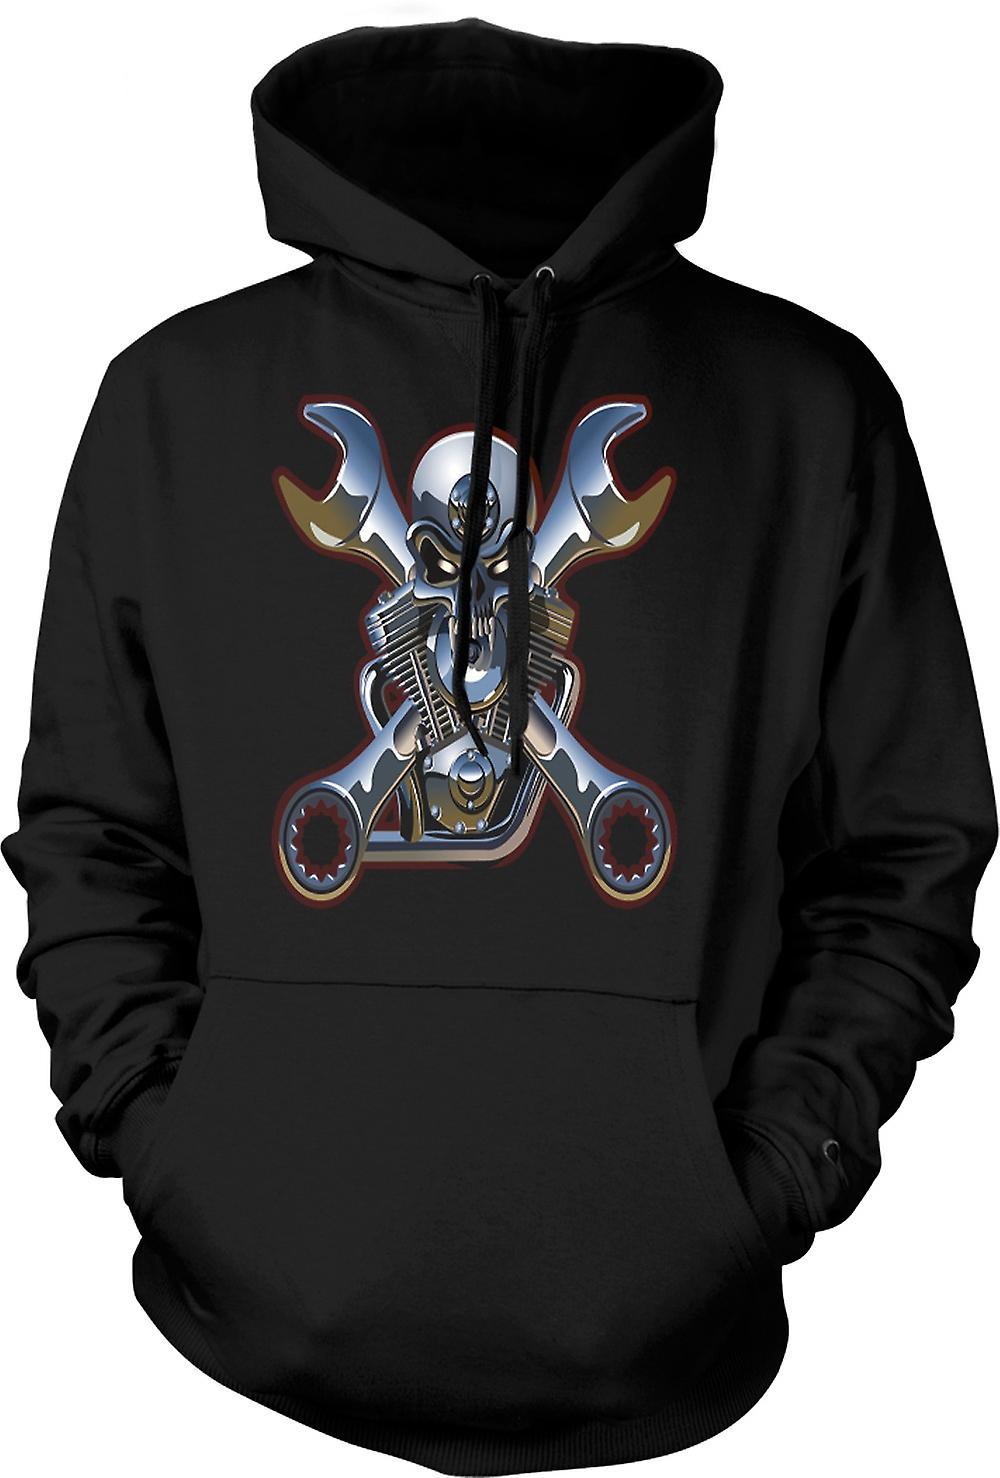 Mens Hoodie - Biker Engine Mechanic